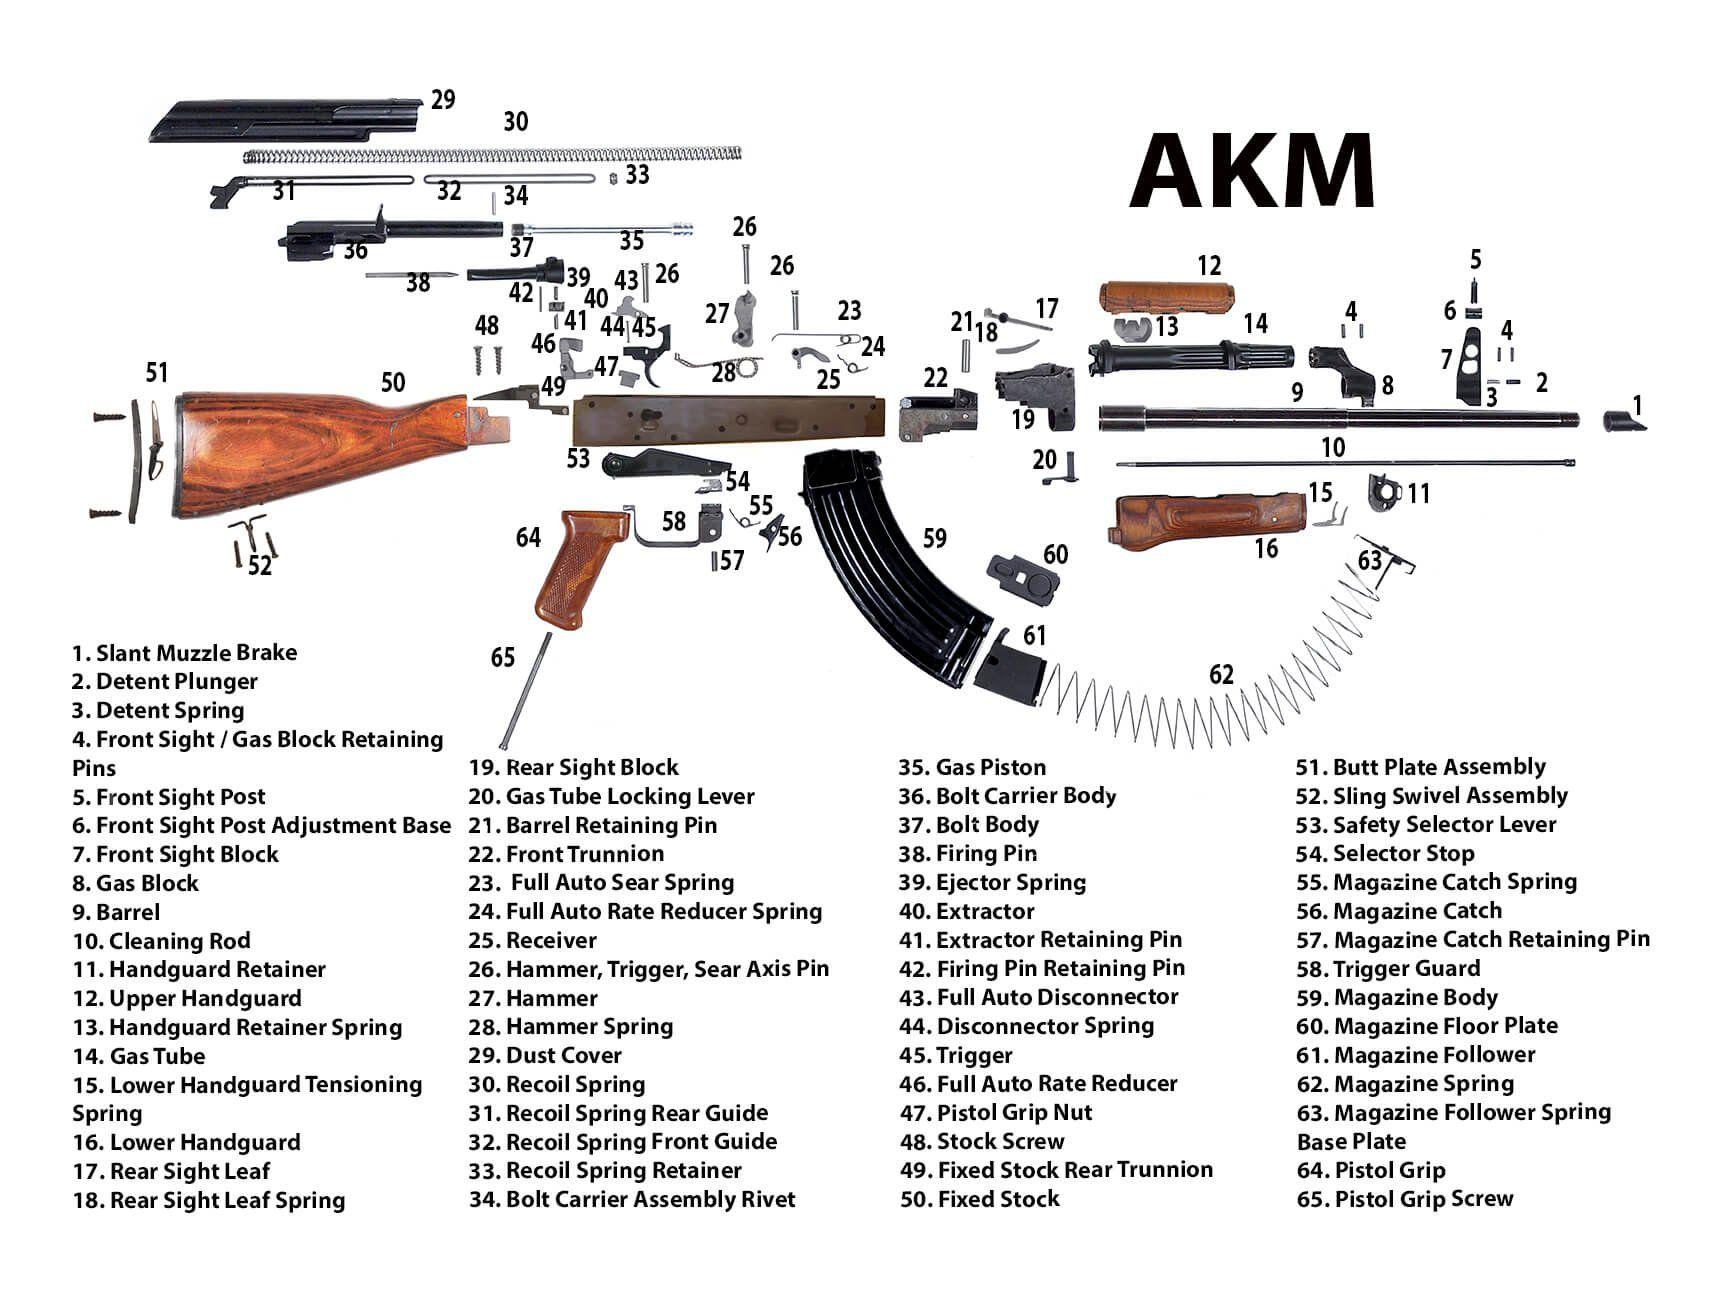 Guns Motto Swat Weapons Gun Brain Storm Motivating